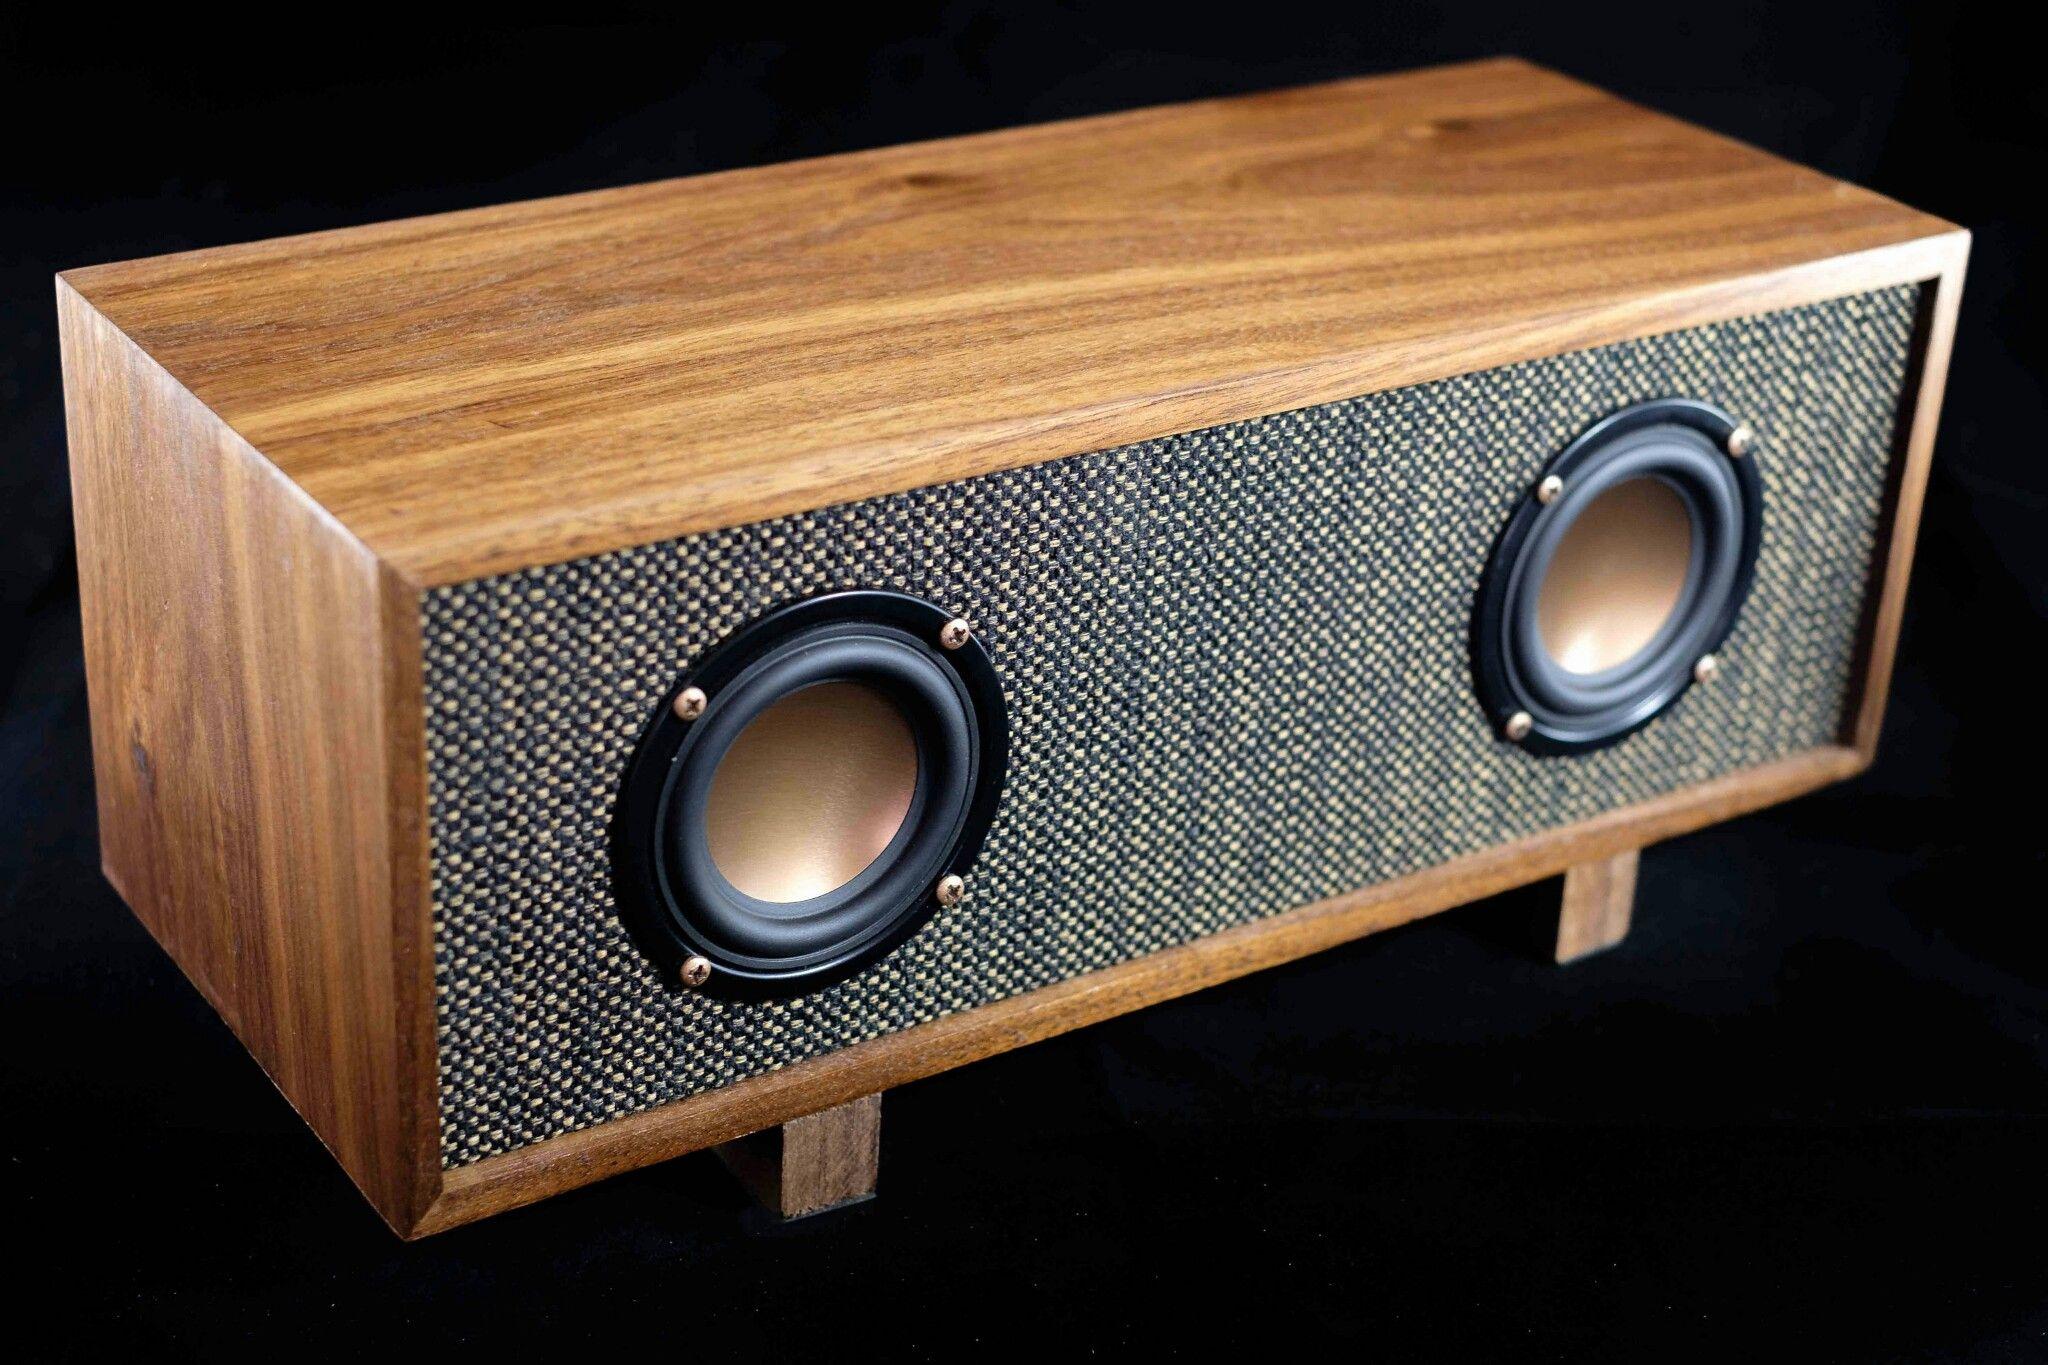 Pin by Tomáš Soldán on Wooden Speakers in 2019 | Diy ...